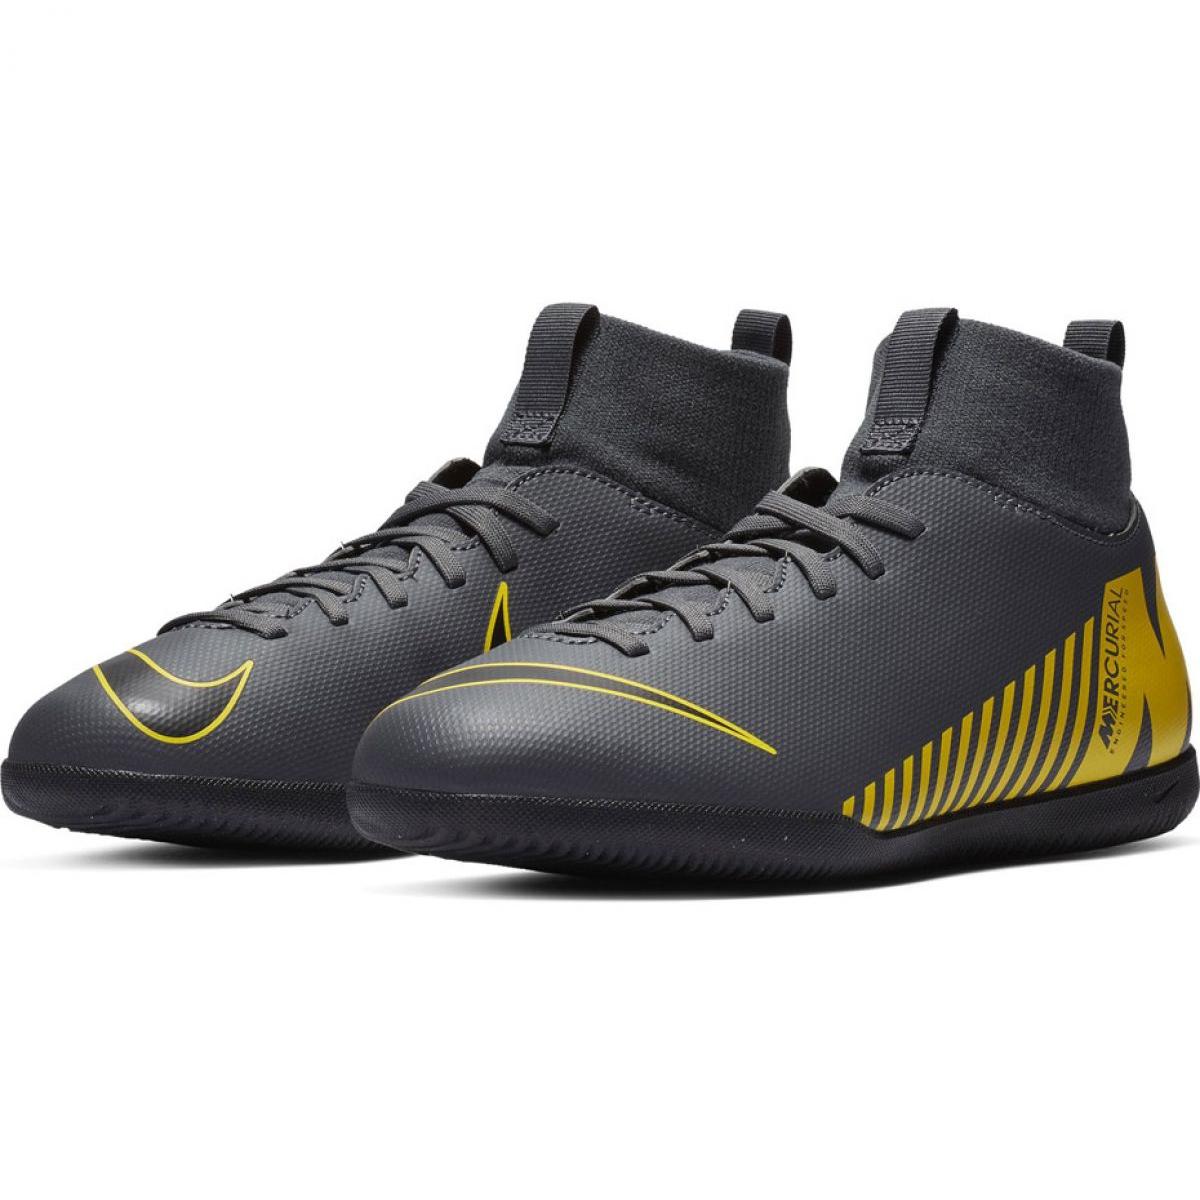 991ca8ba Indendørs sko Nike Mercurial Superfly X 6 Club Ic Jr AH7346-070 billede 4